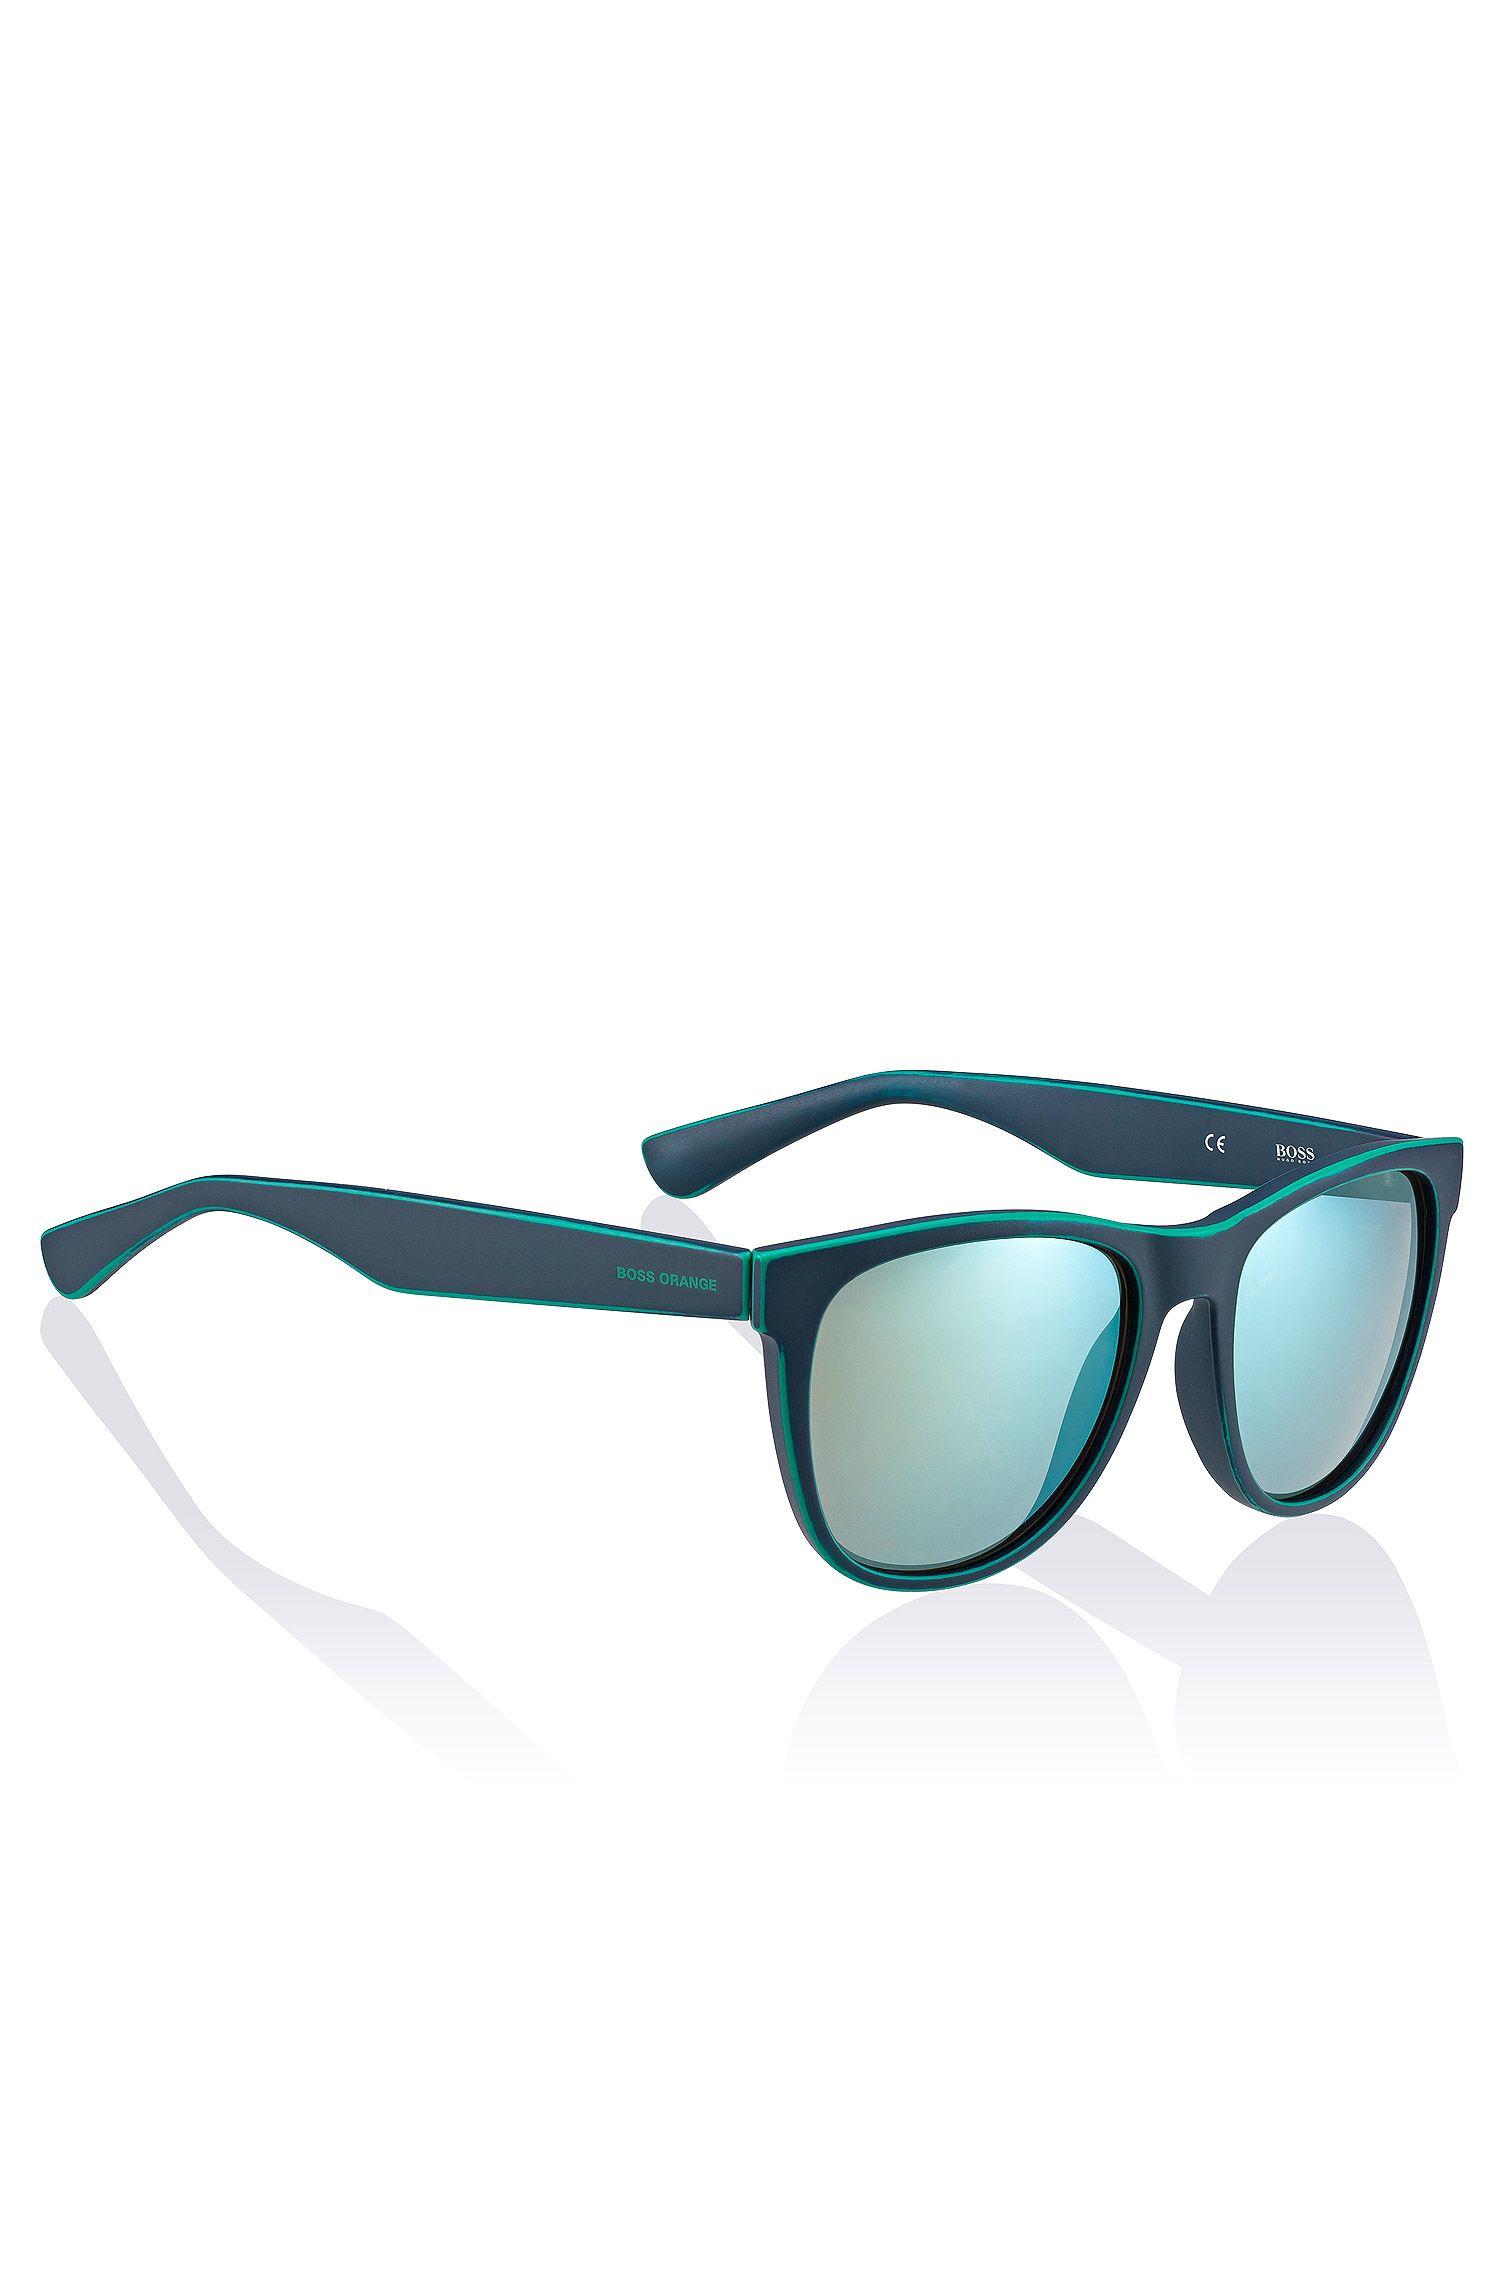 Wayfarer-zonnebril 'BO 0198' van acetaat